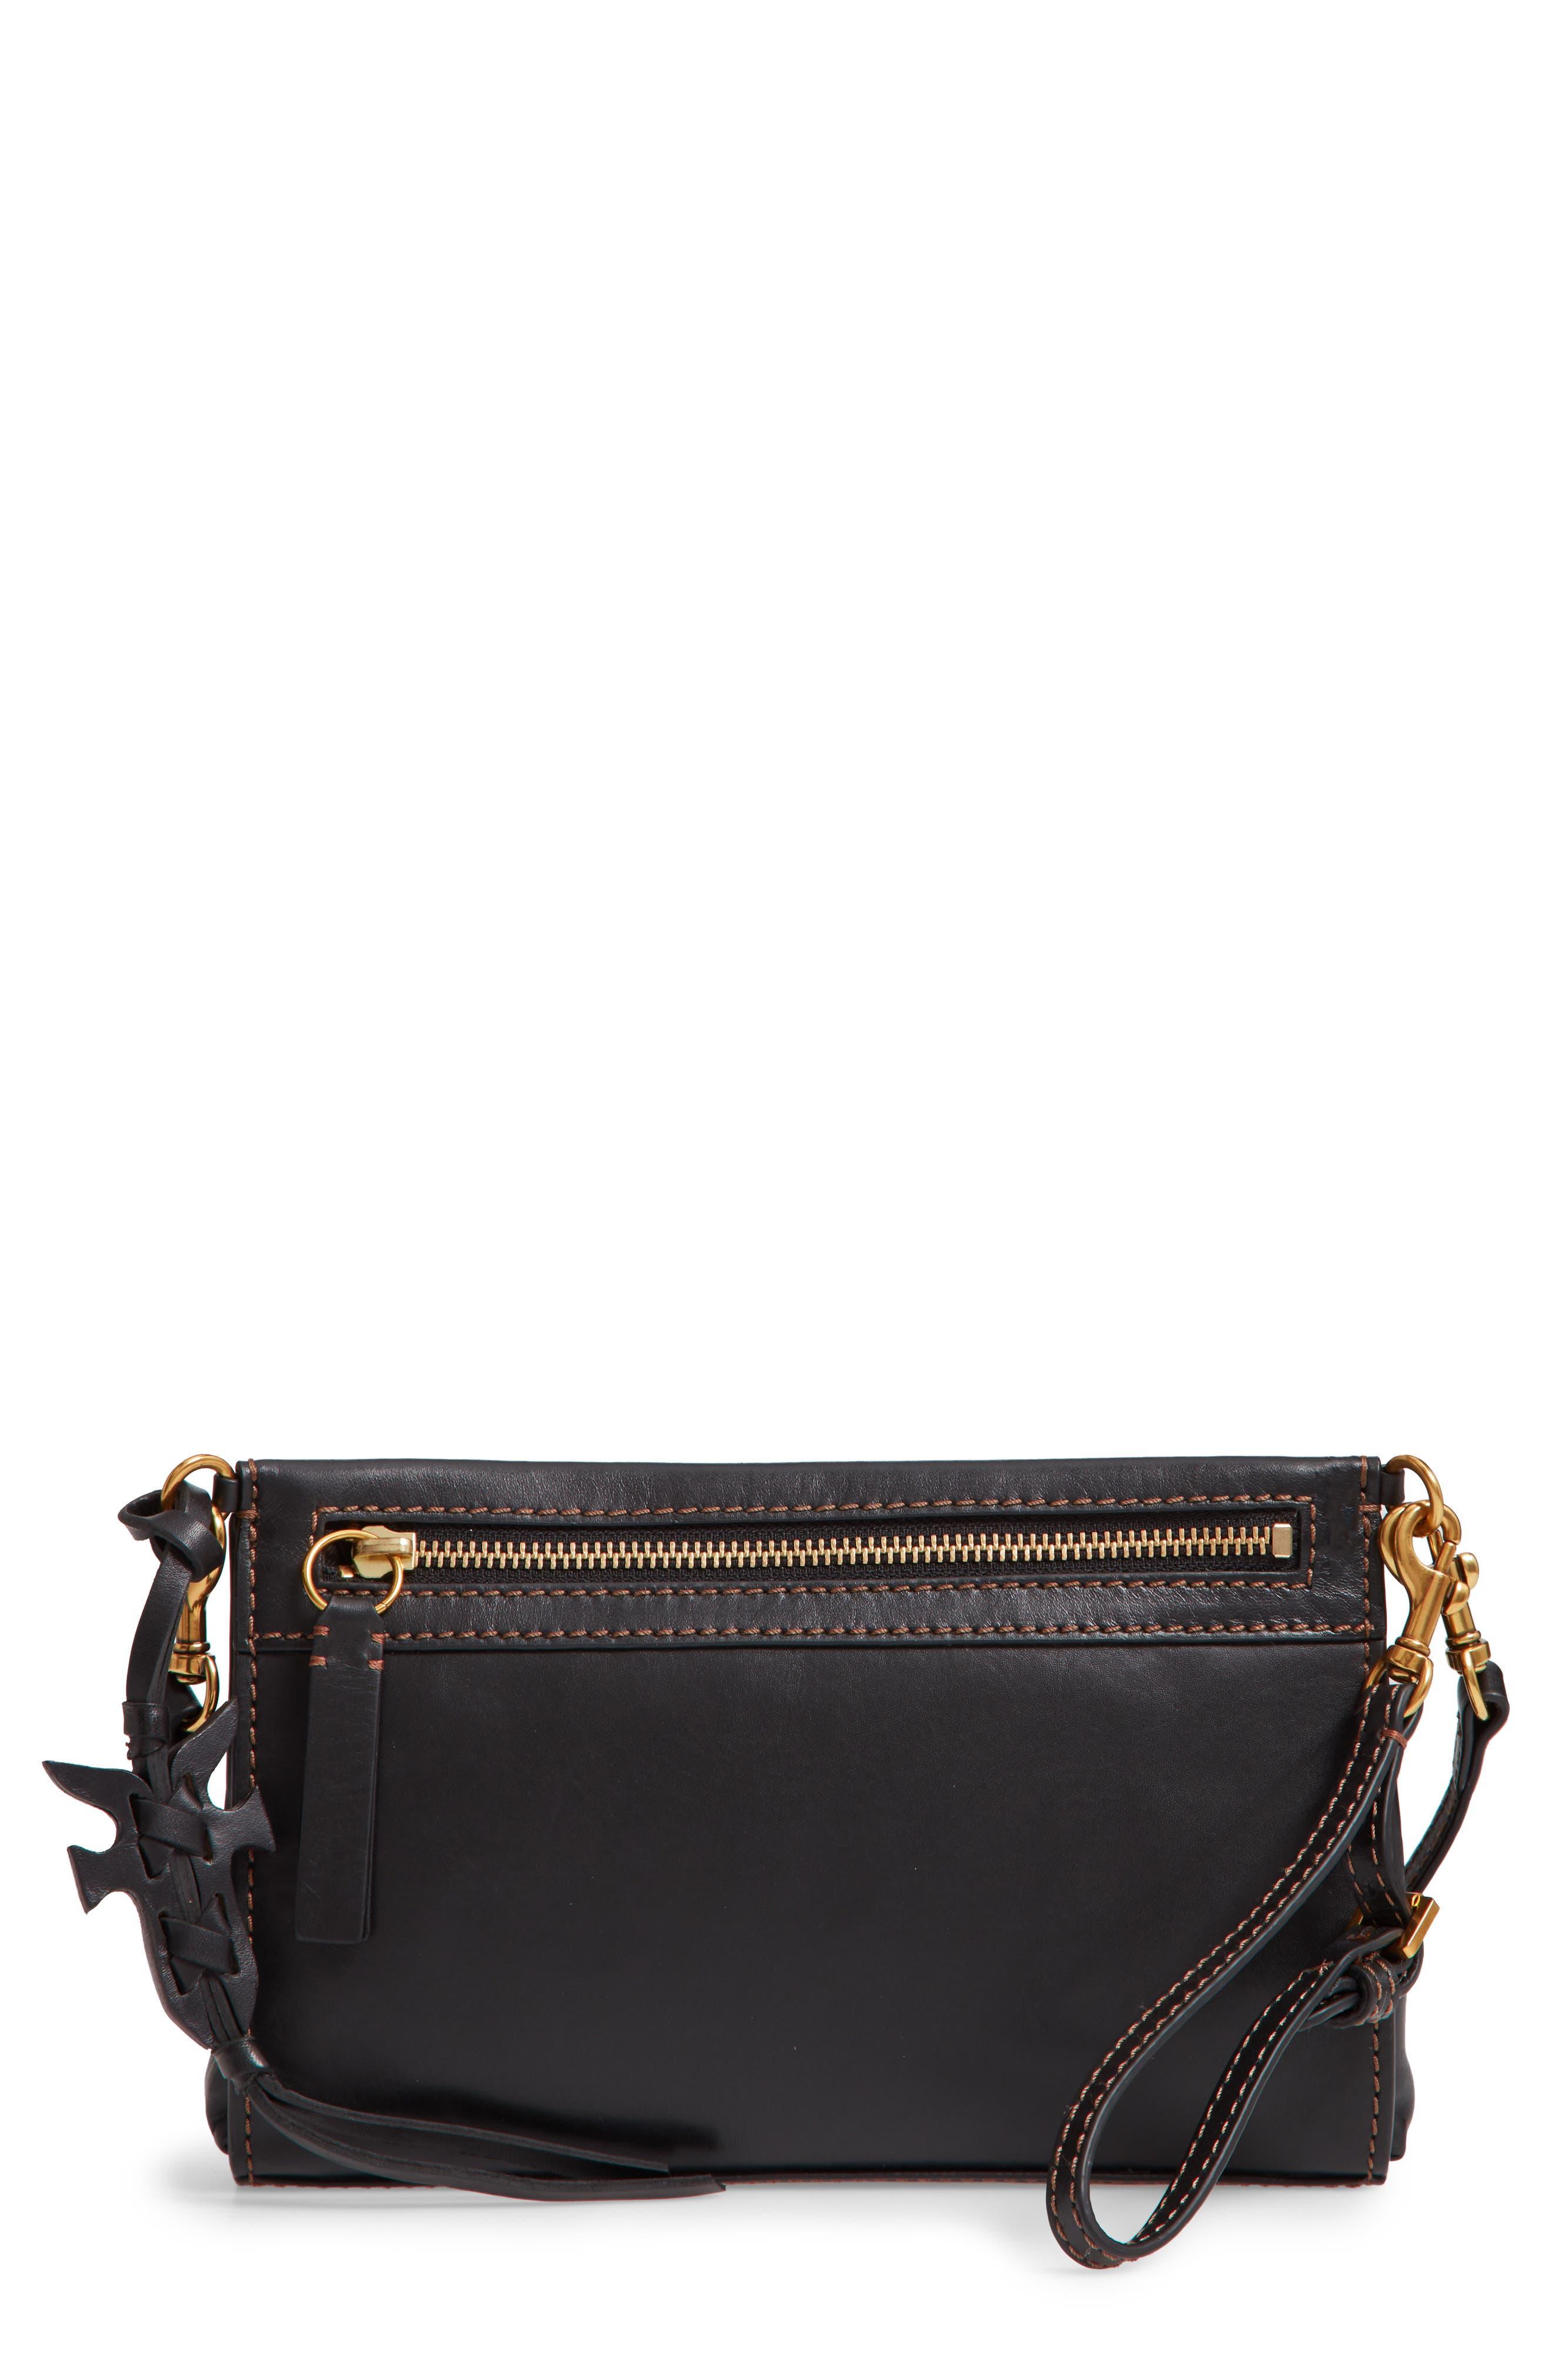 Carson Leather Wristlet/Clutch,                             Main thumbnail 1, color,                             BLACK